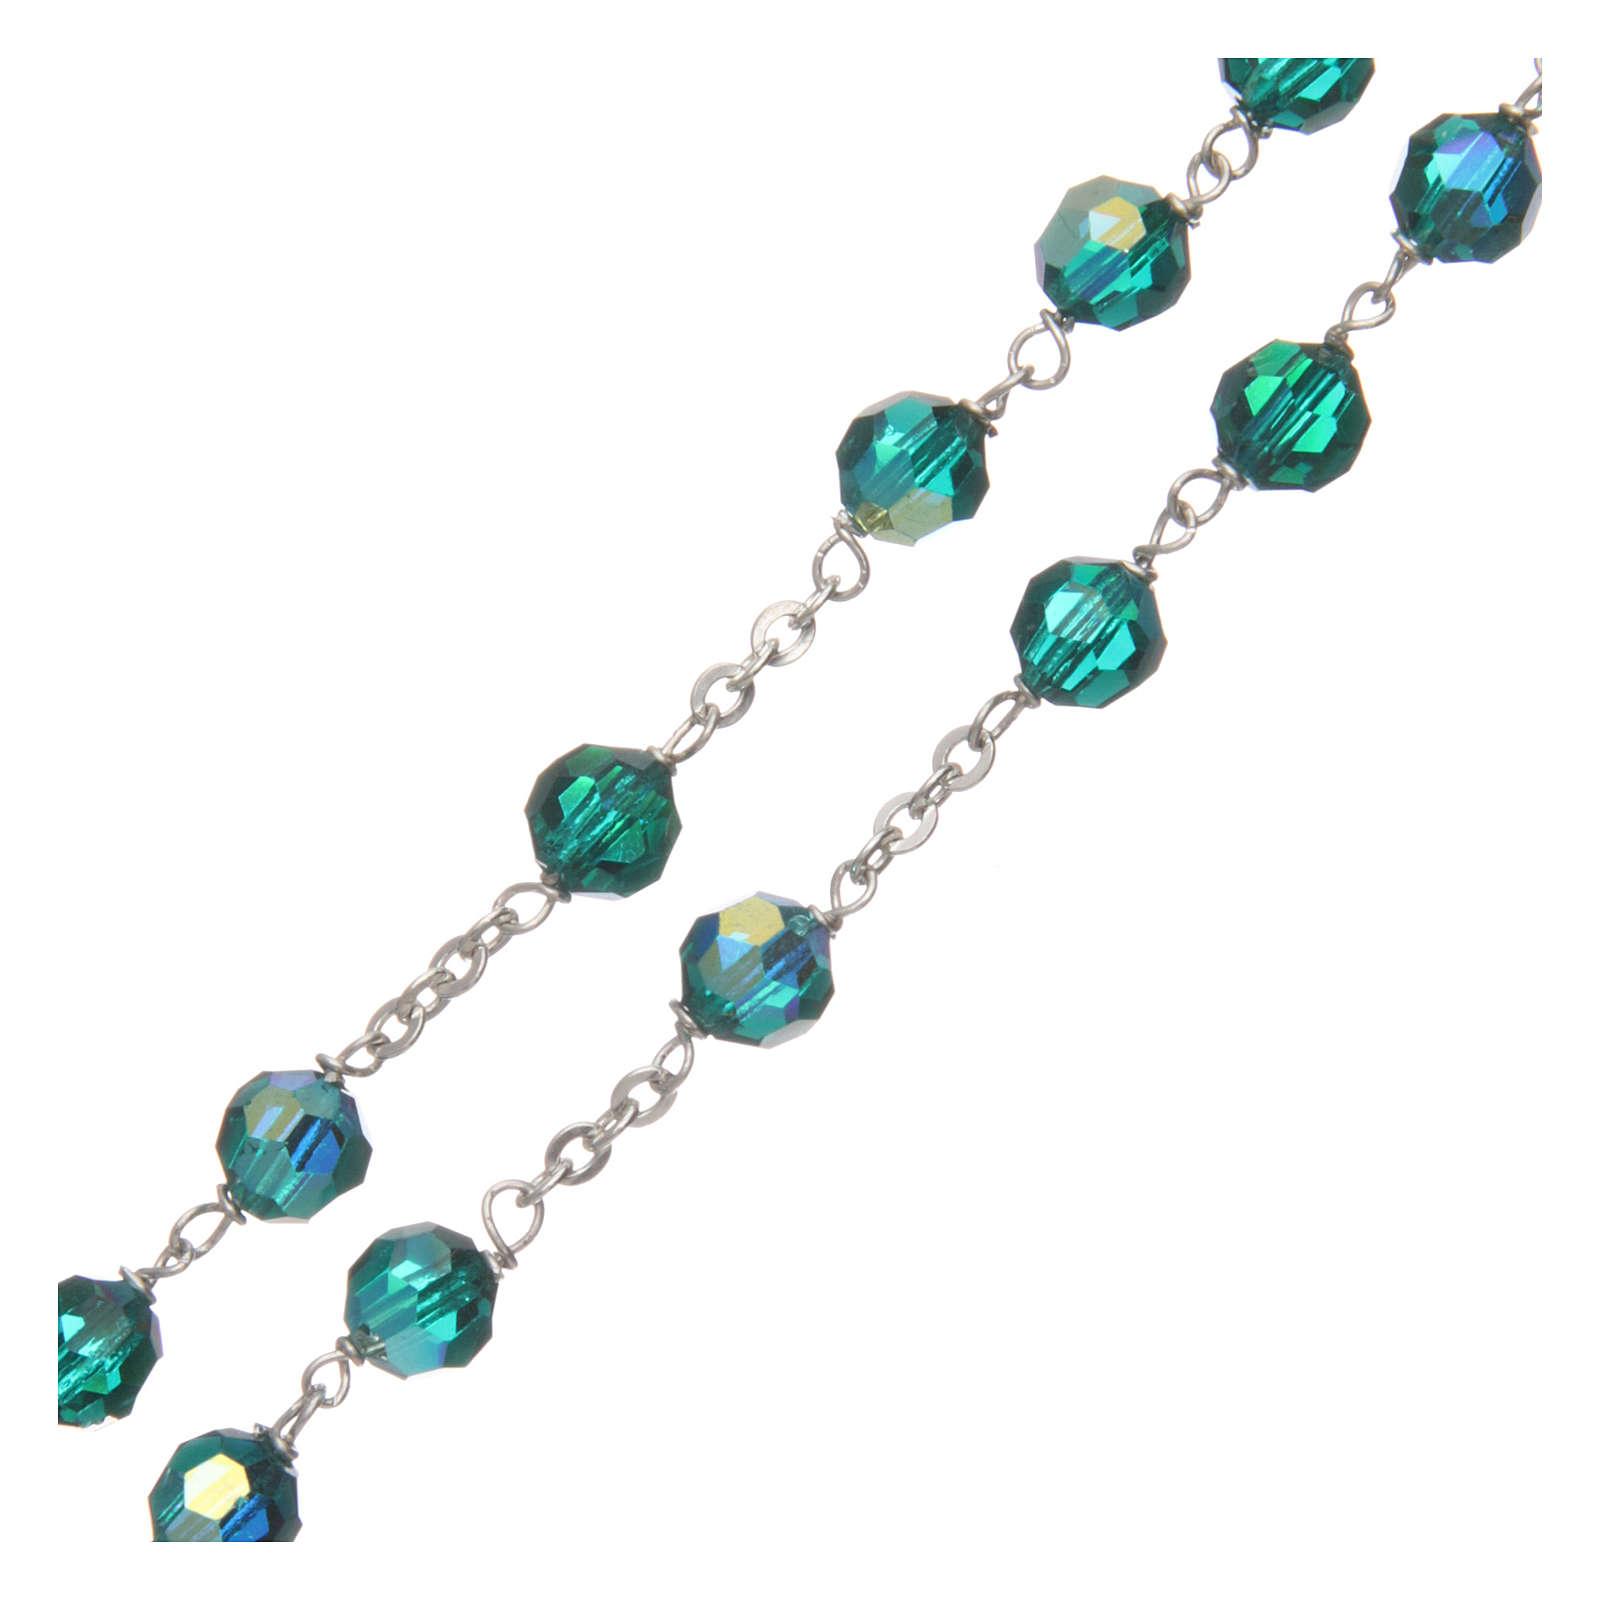 Rosario cristallo sfaccettato verde 6 mm legature argento 925 4